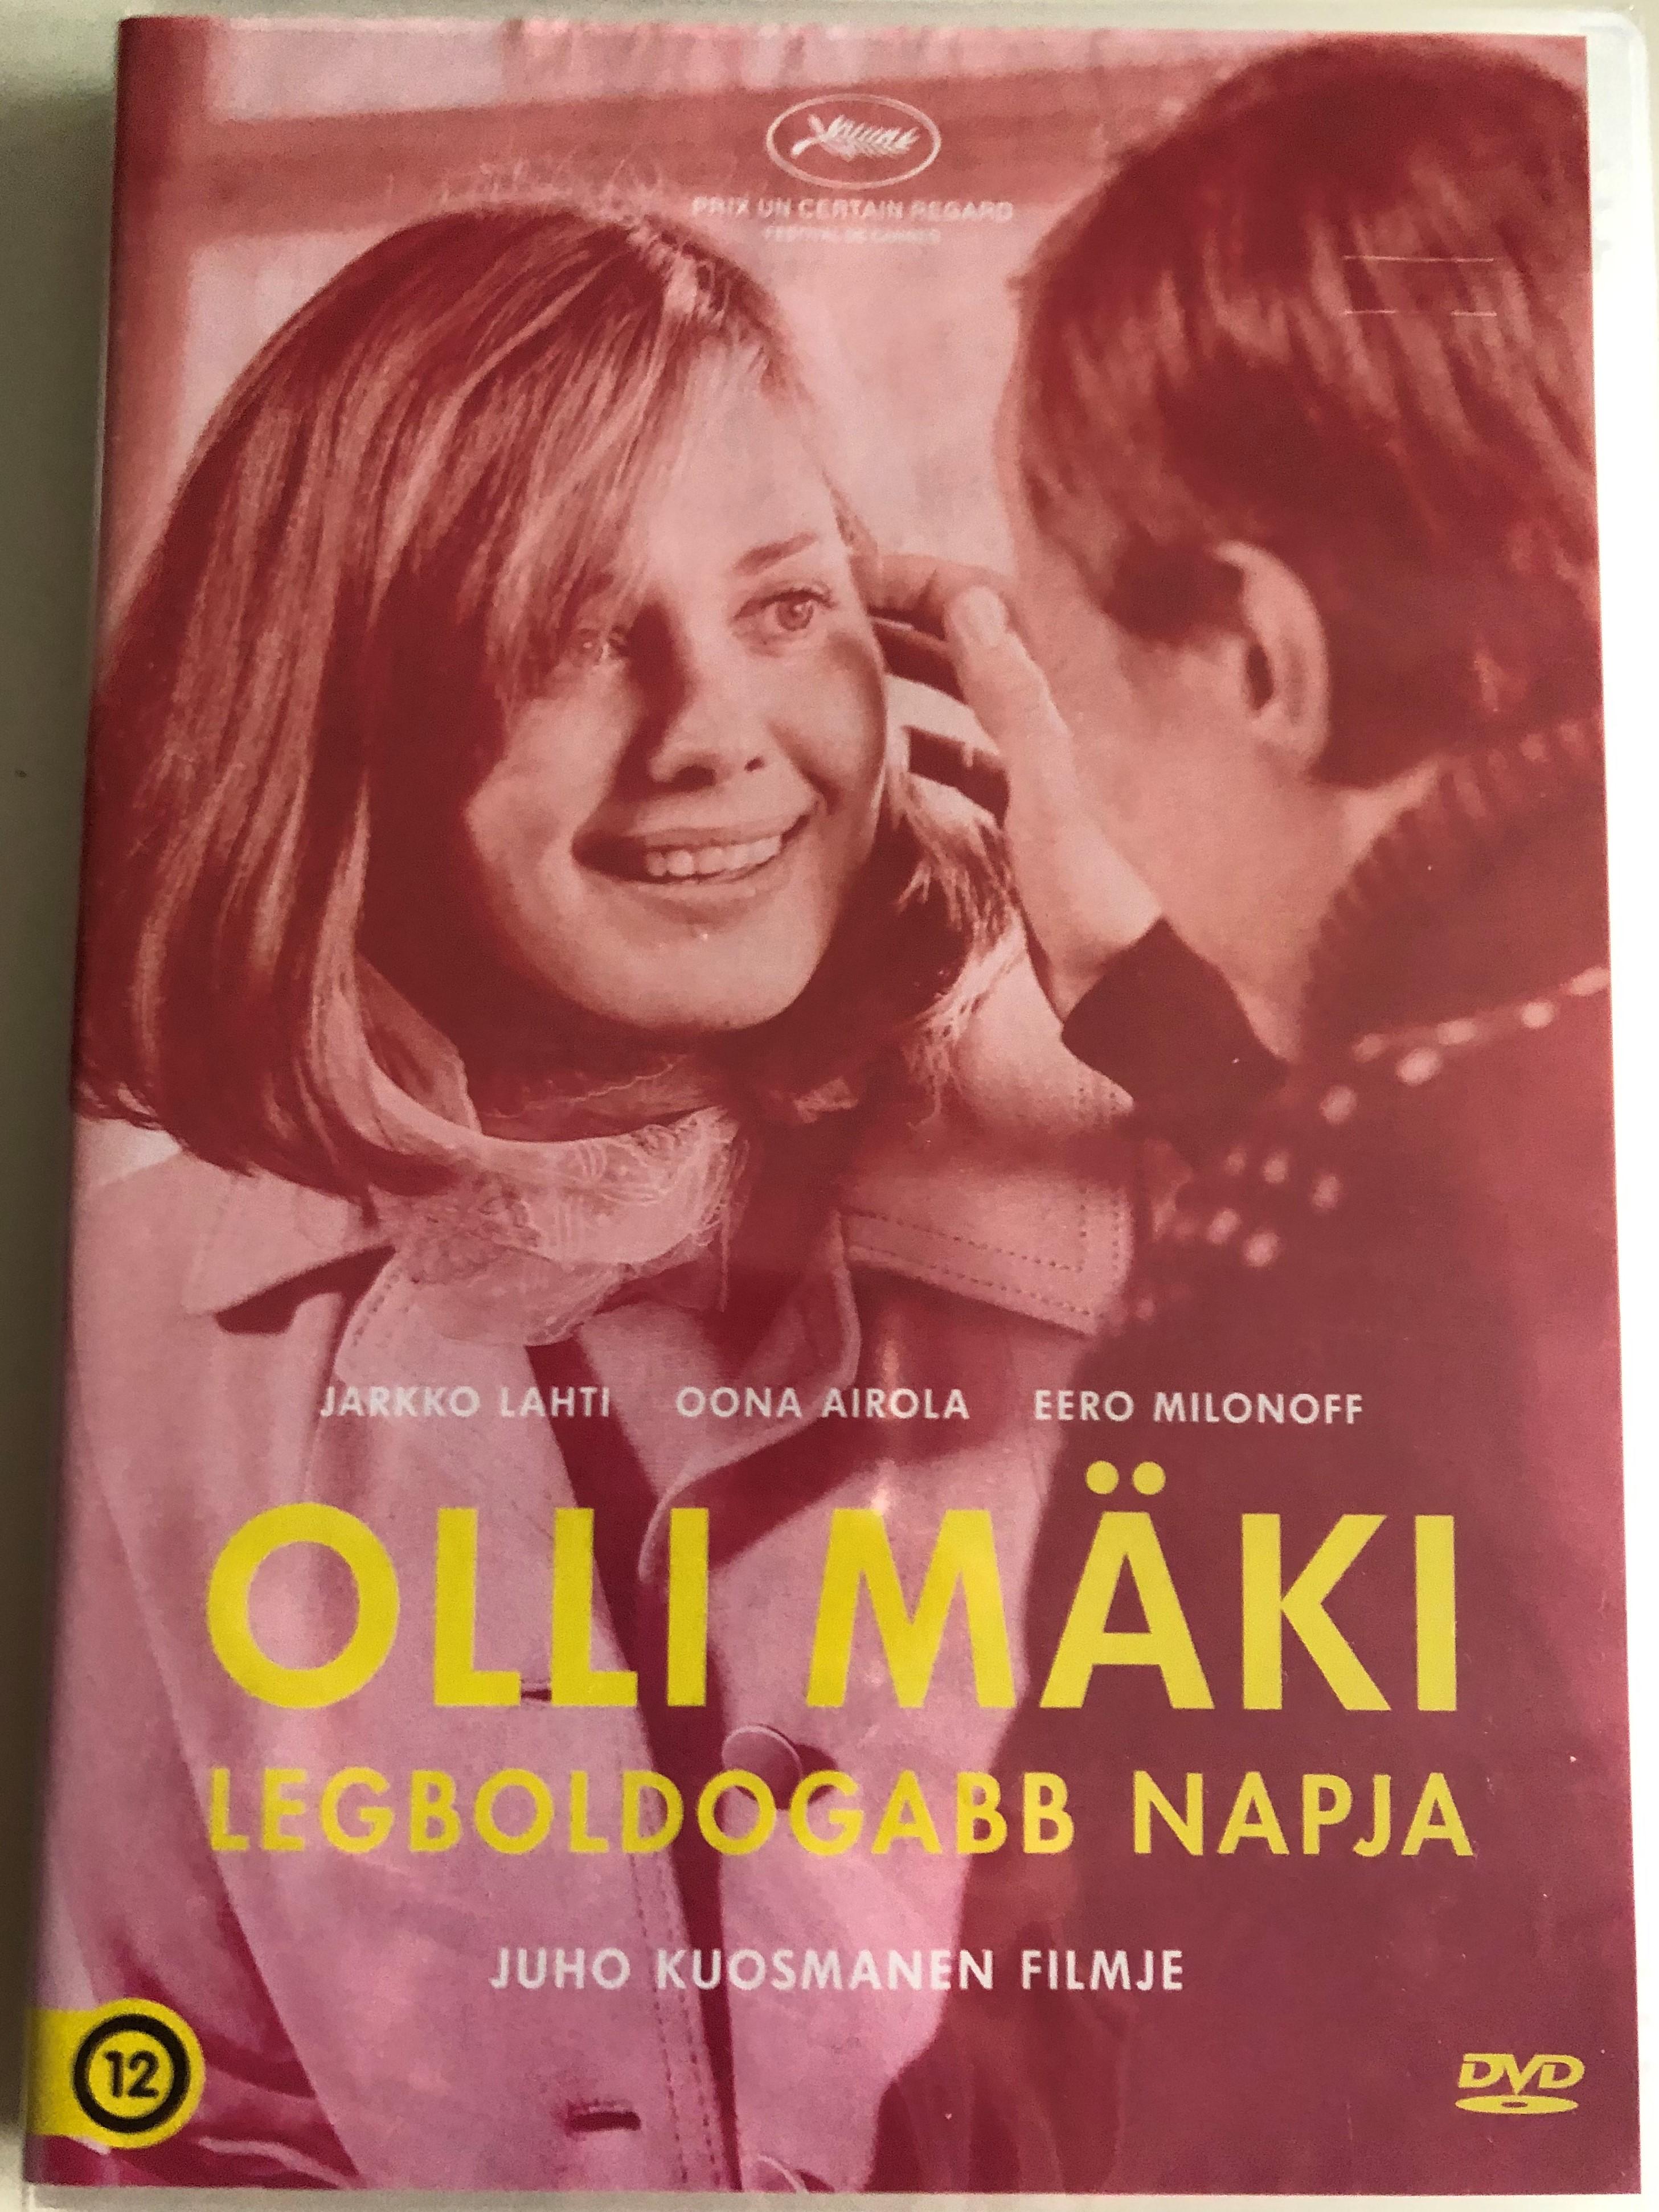 Hymyilevä mies DVD 2016 Olli Mäki legboldogabb Napja (The Happiest Day in the Life of Olli Mäki) / Directed by Juho Kuosmanen / Starring: Jarkko Lahti, Oona Airola, Eero Milonoff